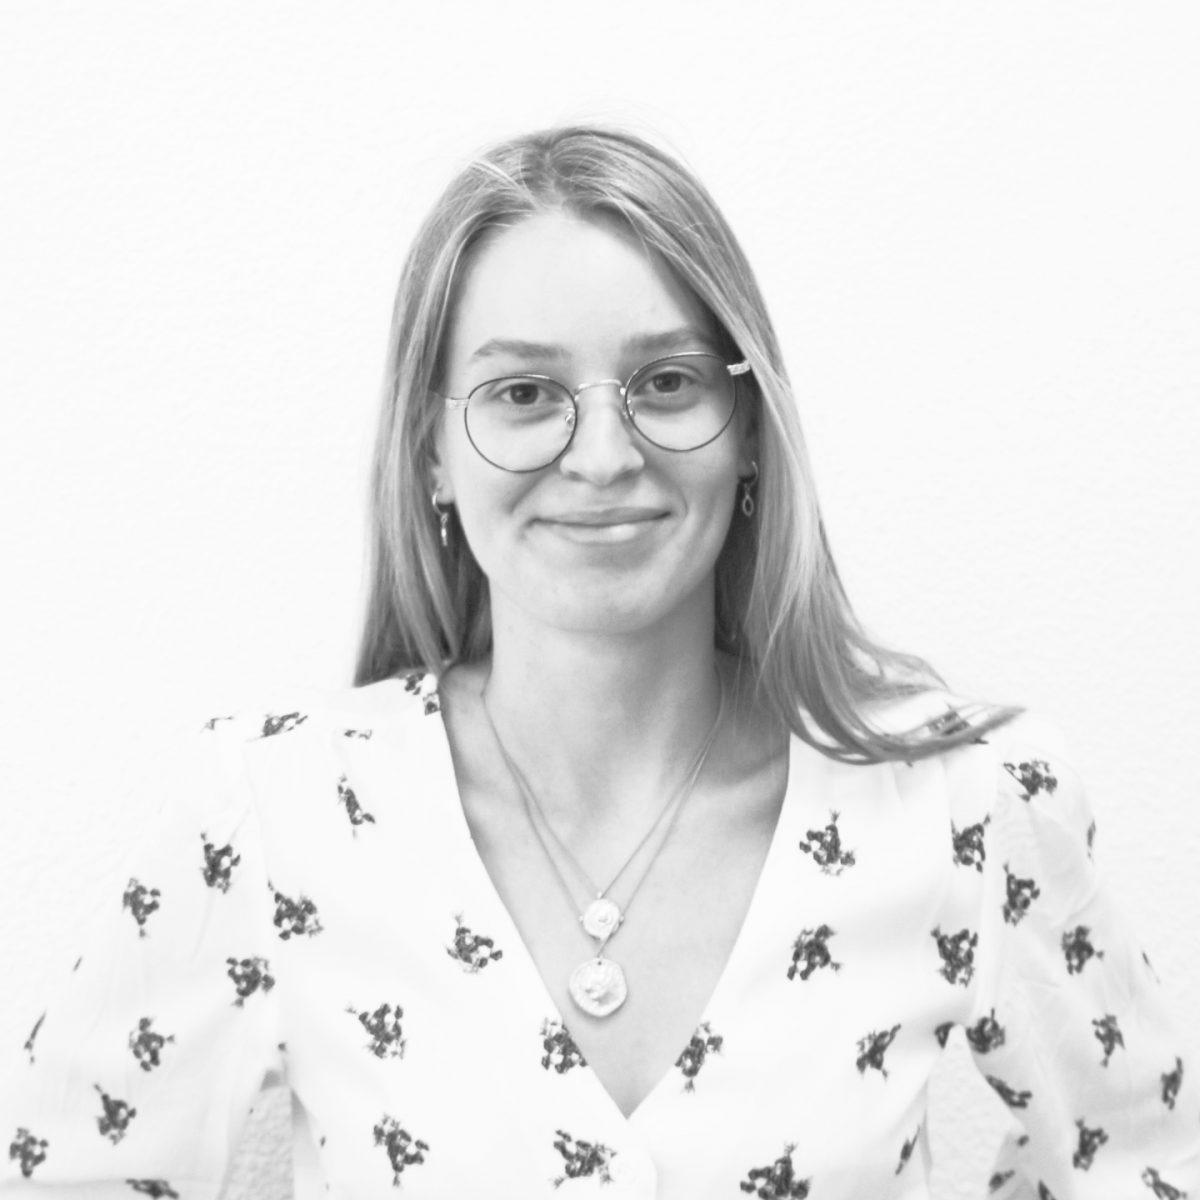 Mandy SCHMITT